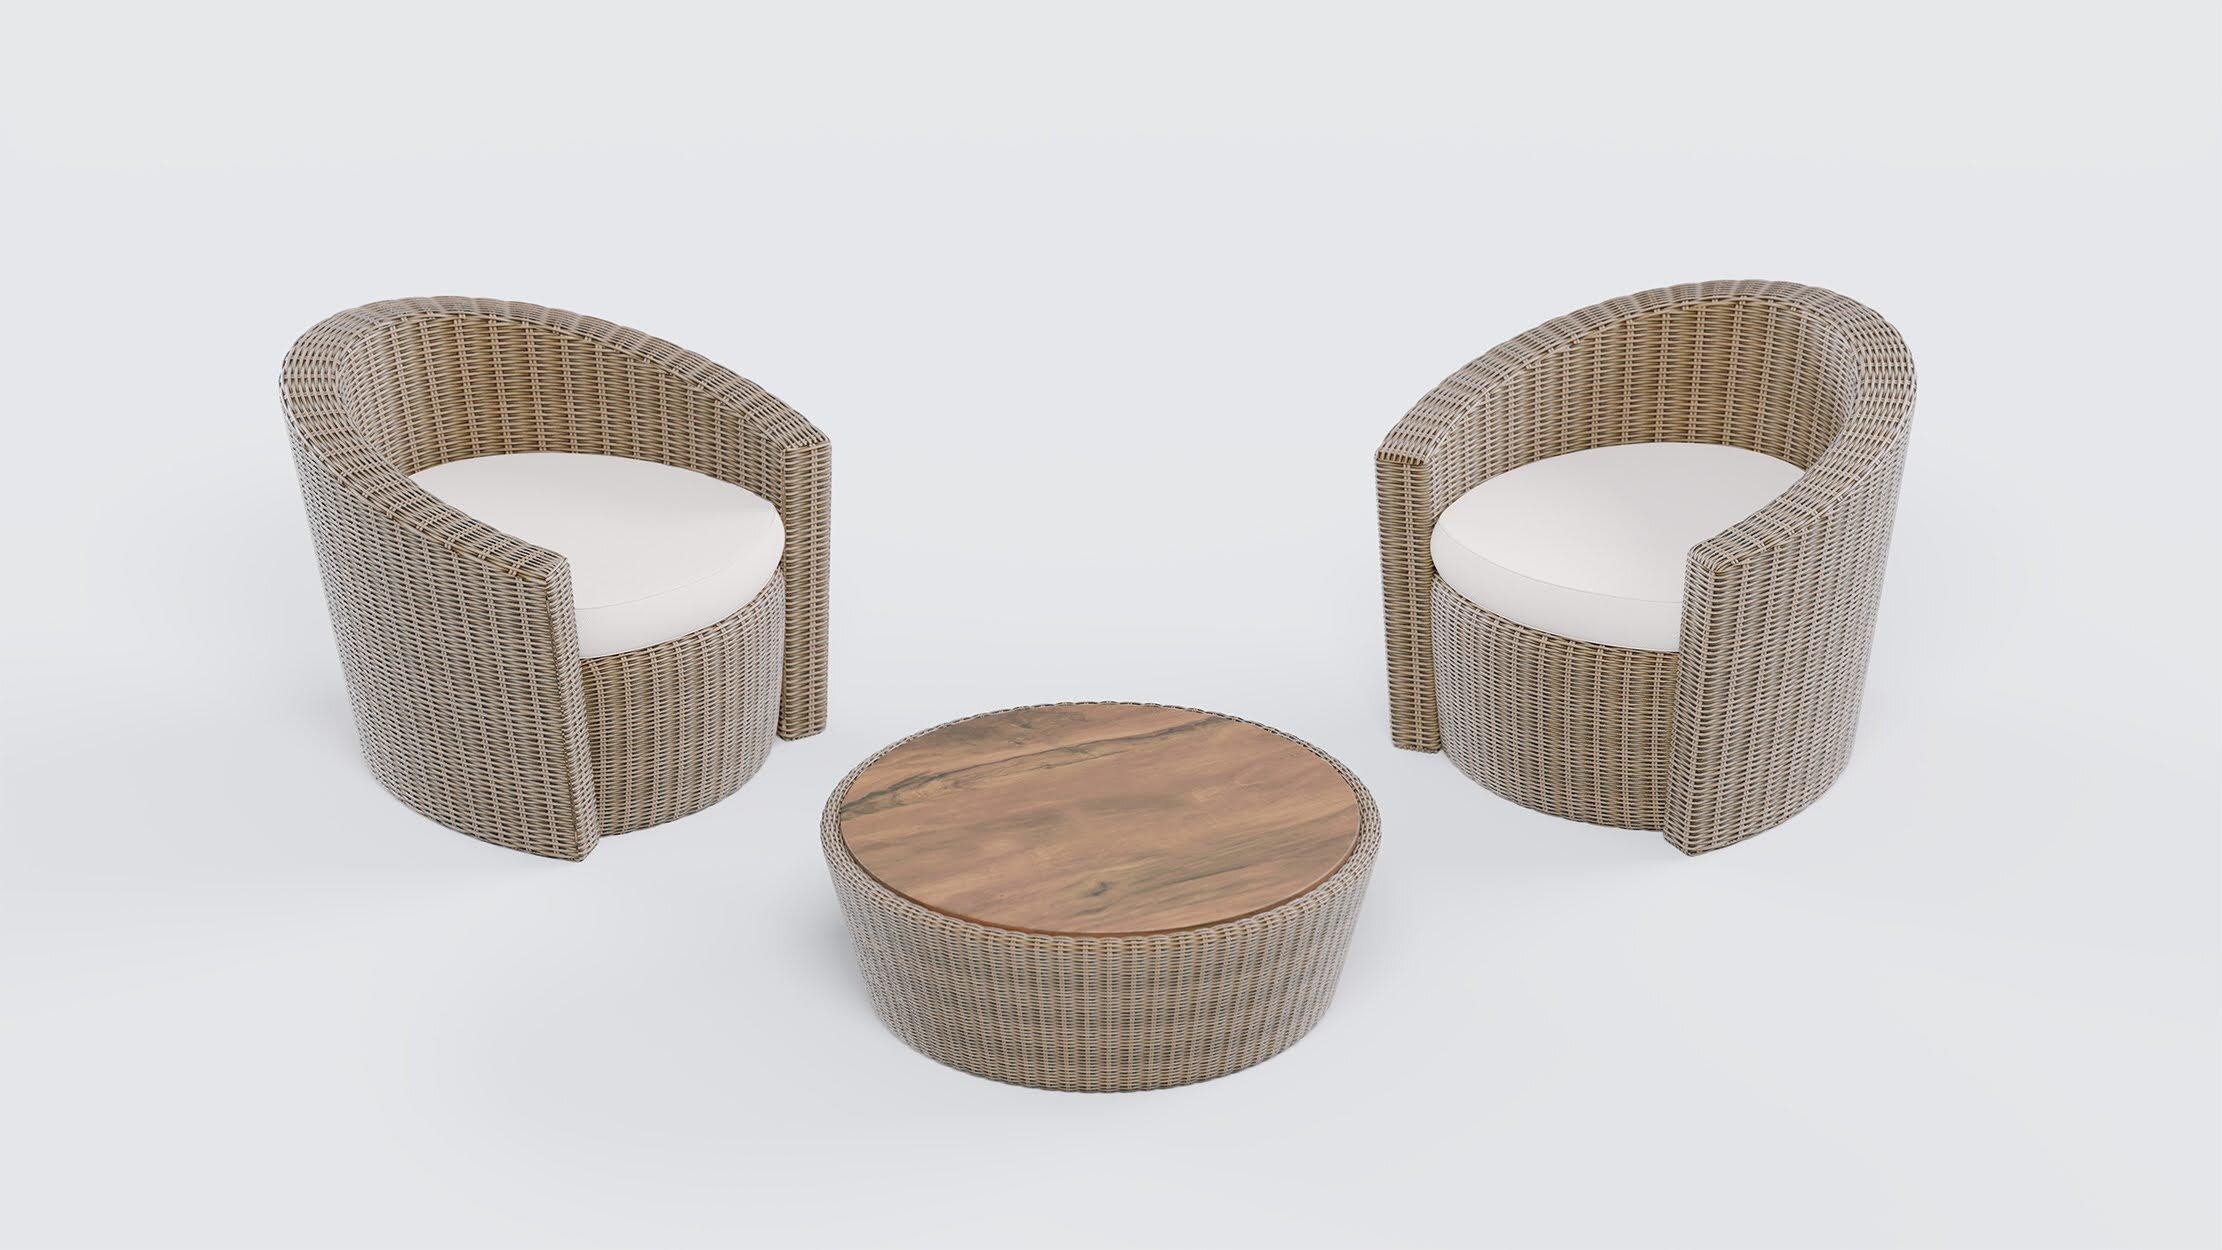 Проект включал этап промышленного дизайна, во время которого были разработаны модели плетеной мебели для использования в личных домовладениях и HoReCa